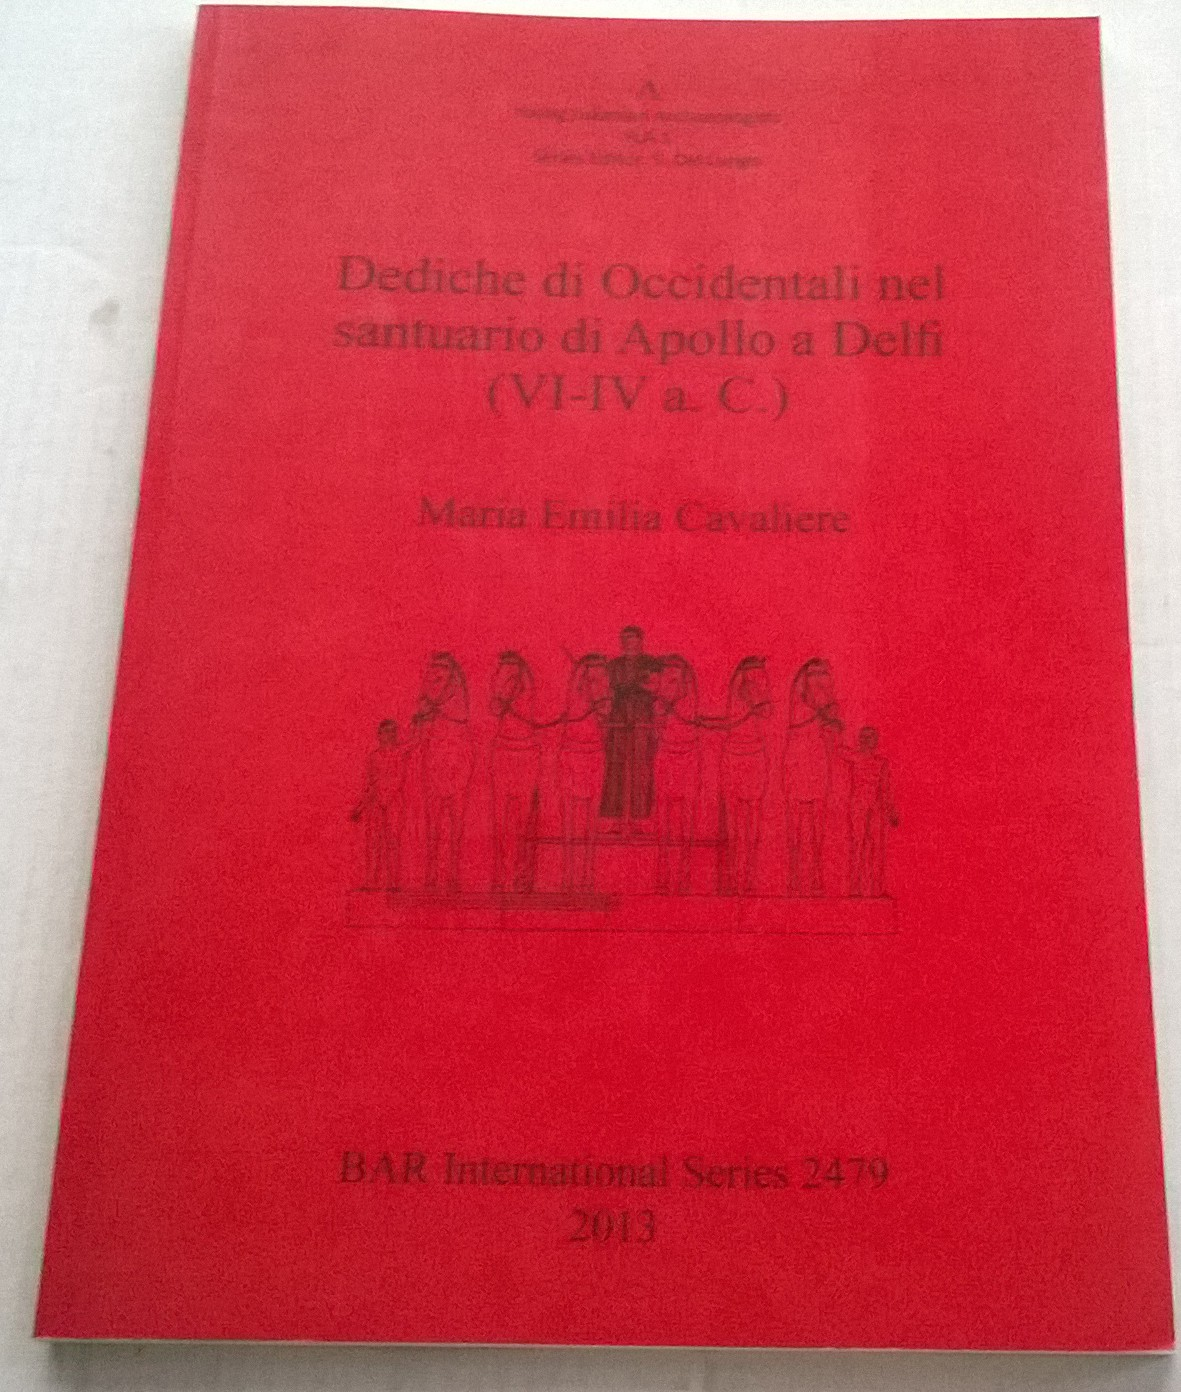 Dediche di Occidentali nel Santuario di Apollo a Delfi (VI-IV a. C.) :BAR International Series 2479, Maria Emilia Cavaliere ;